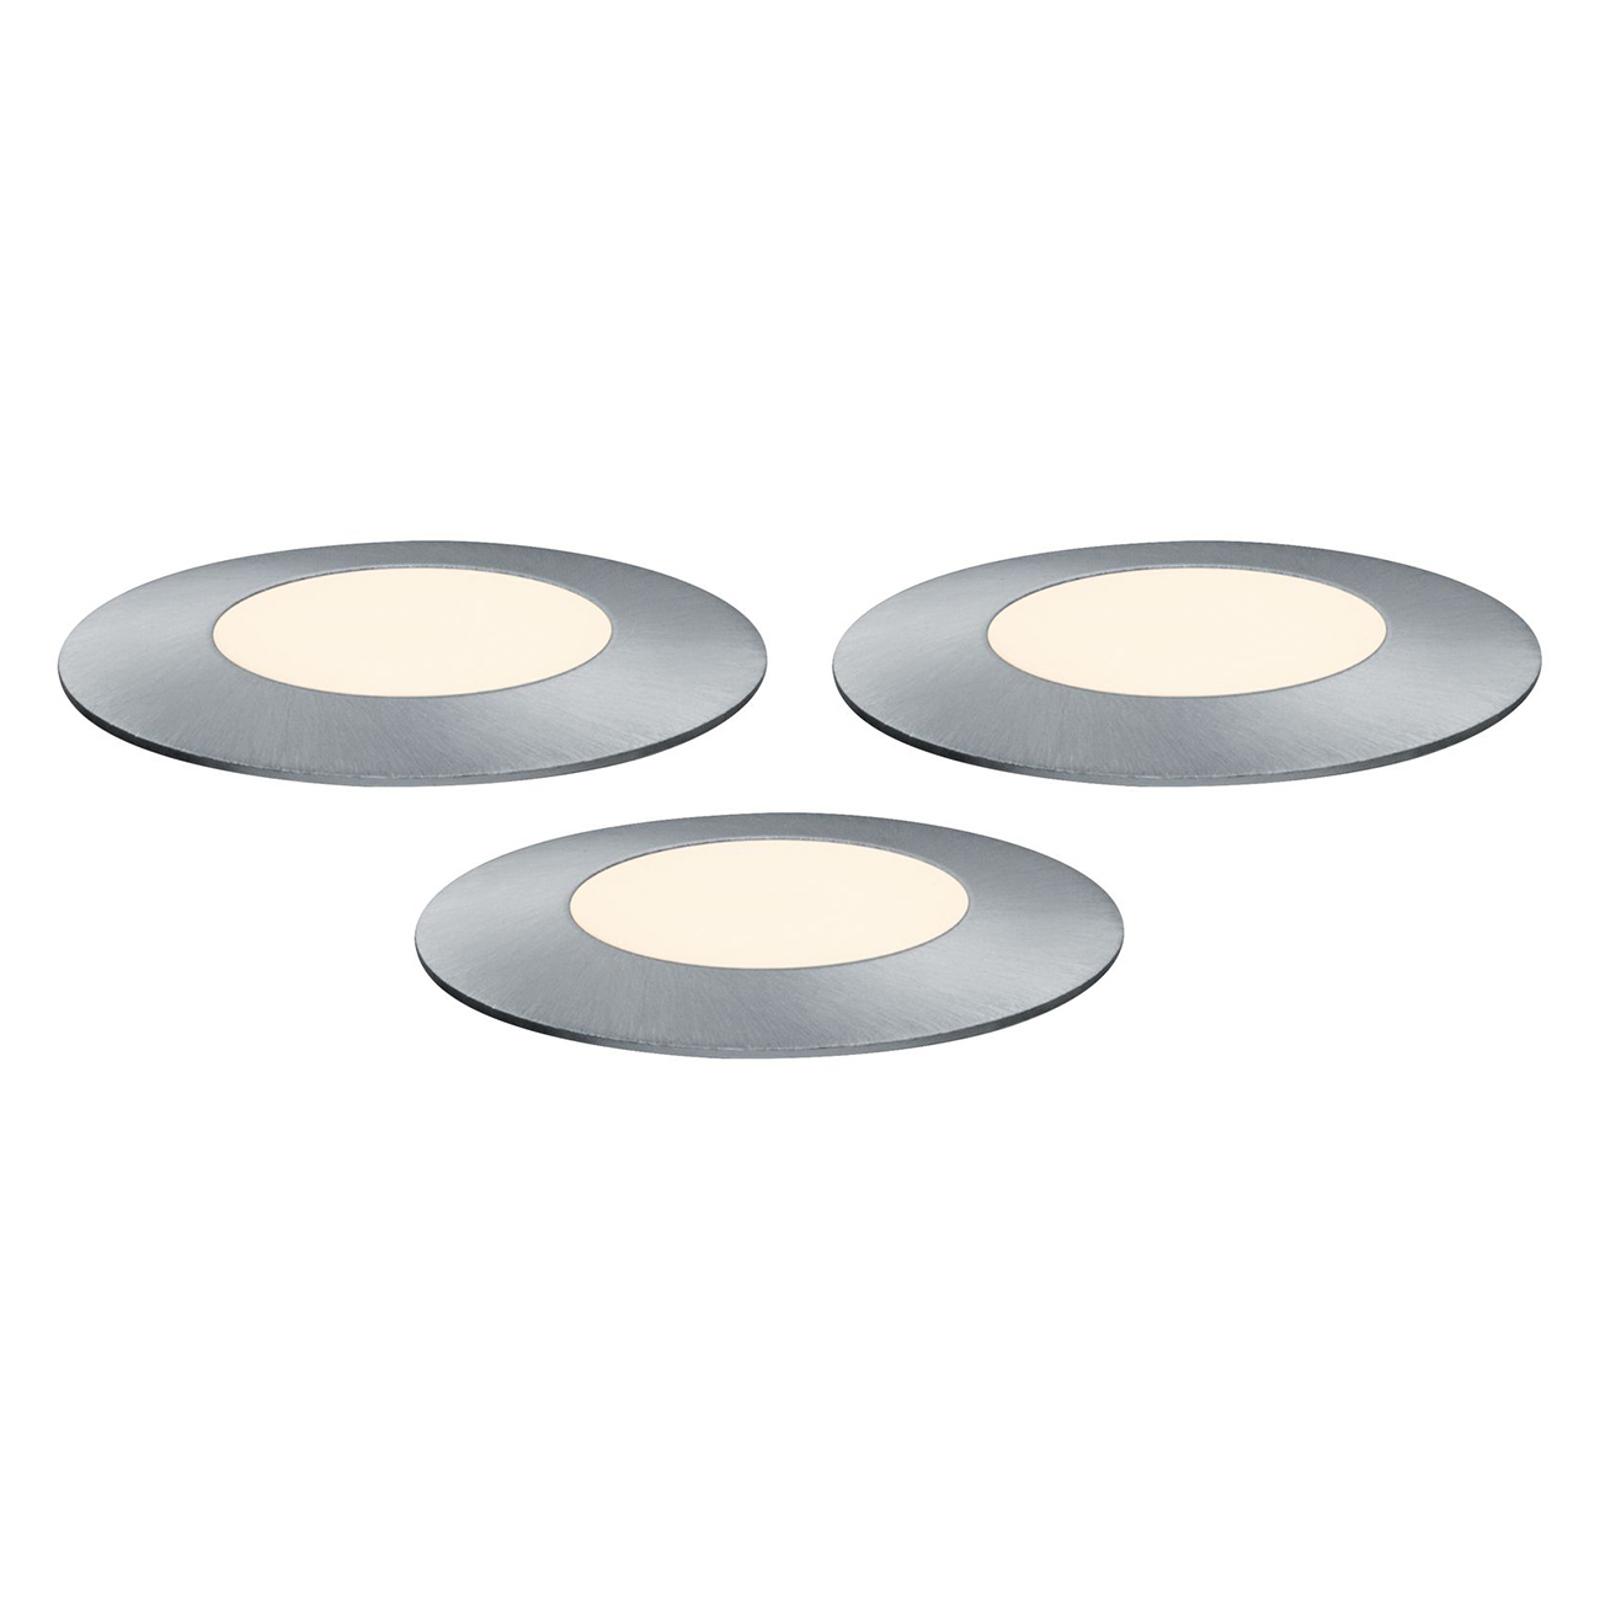 Paulmann Plug & Shine Floor Mini 3x estensione 830 Illuminazione per interni